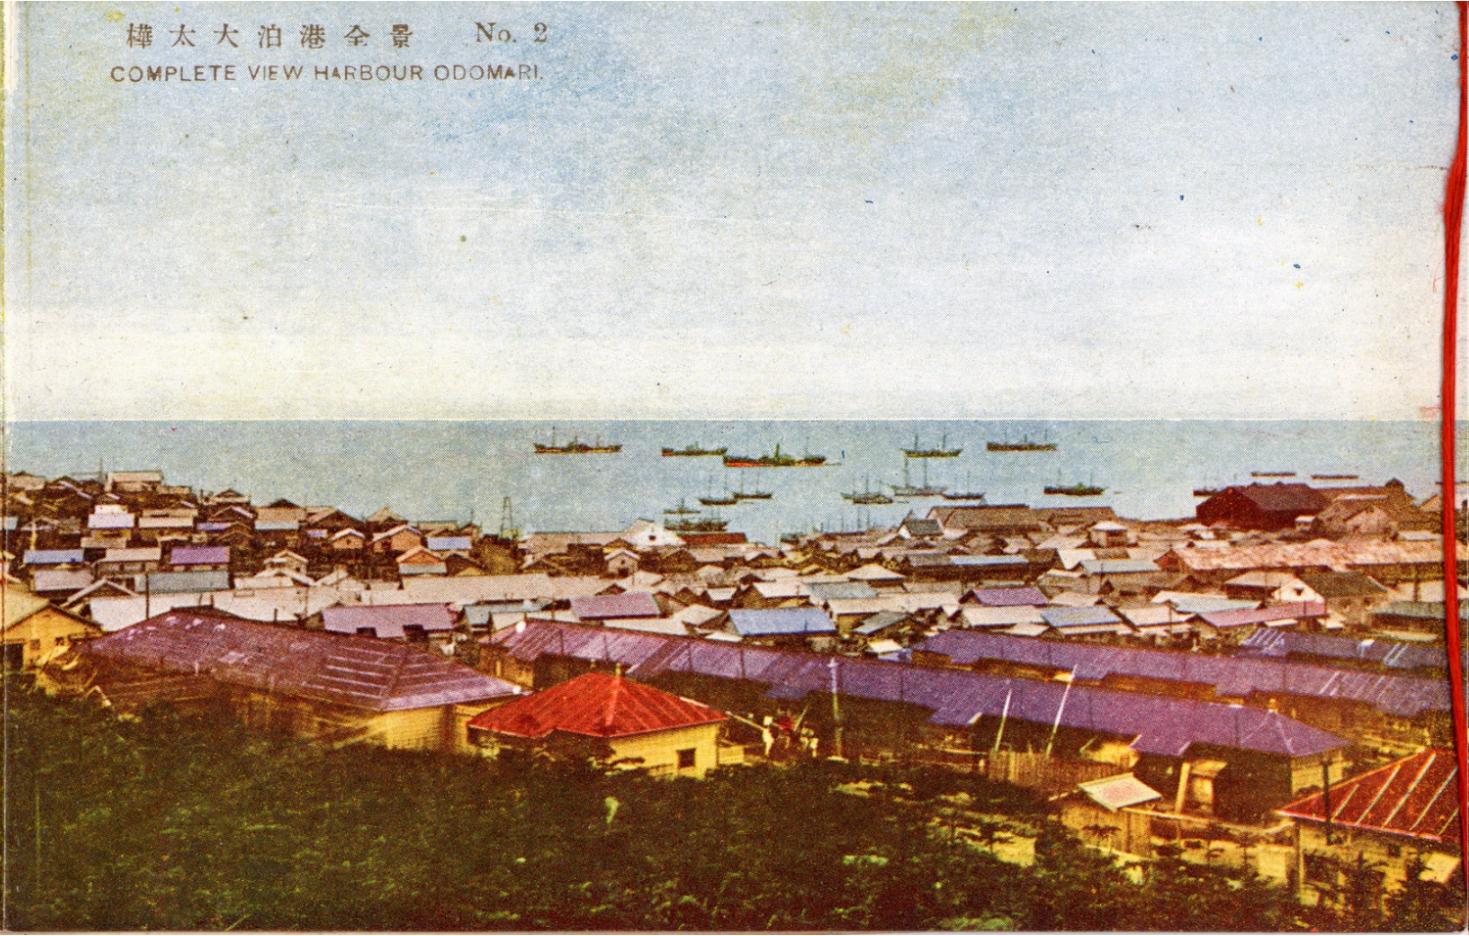 Панорама гавани г. Одомари. 2 из 4.